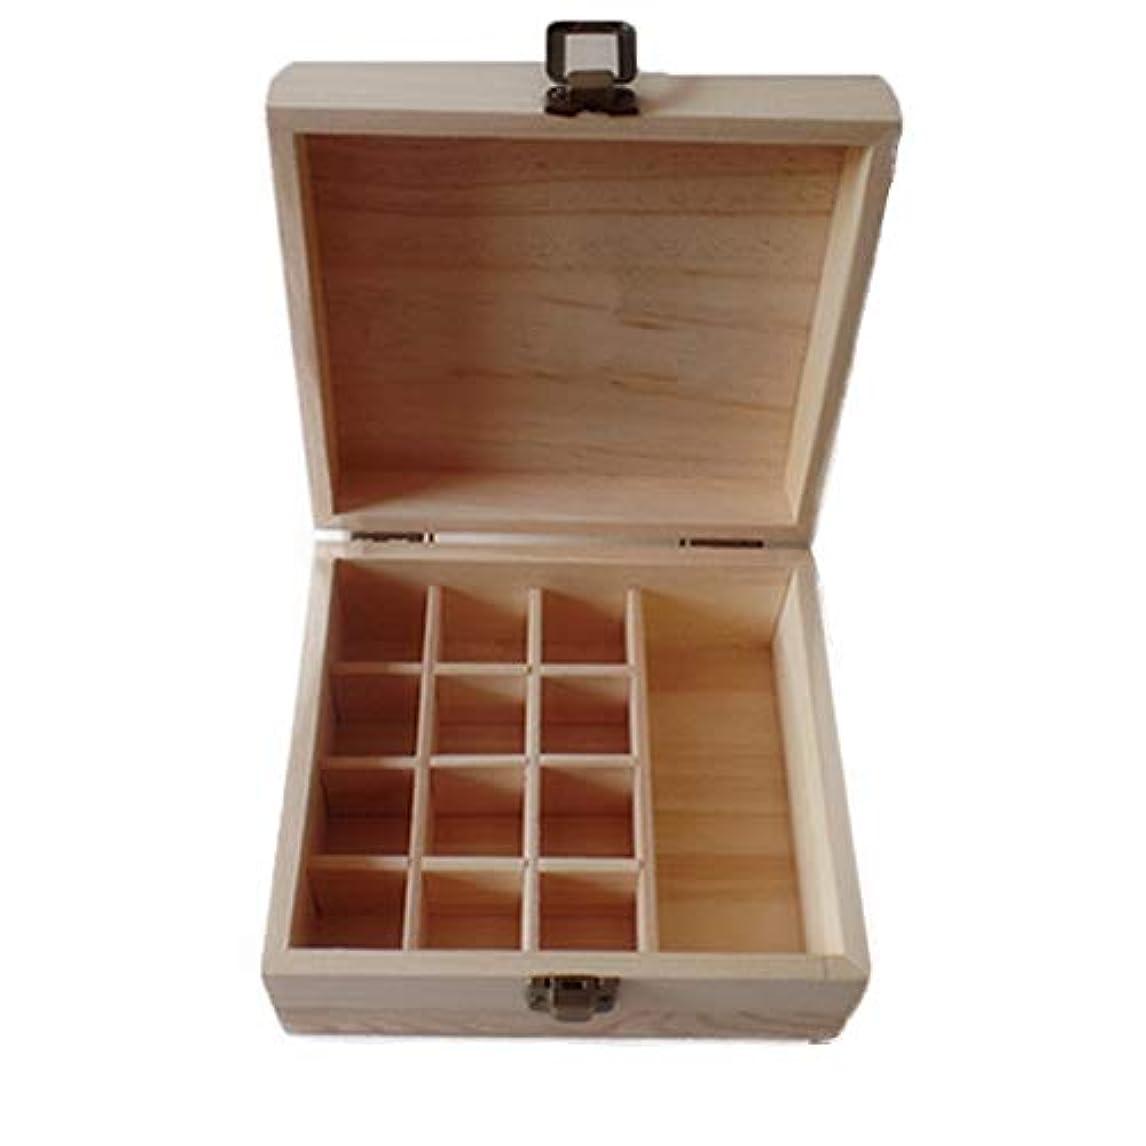 どっちでもズームインするかなりエッセンシャルオイルの保管 ディスプレイのプレゼンテーションのために完璧な13スロットエッセンシャルオイルストレージ木箱エッセンシャルオイル木製ケース (色 : Natural, サイズ : 15X16.9X8CM)